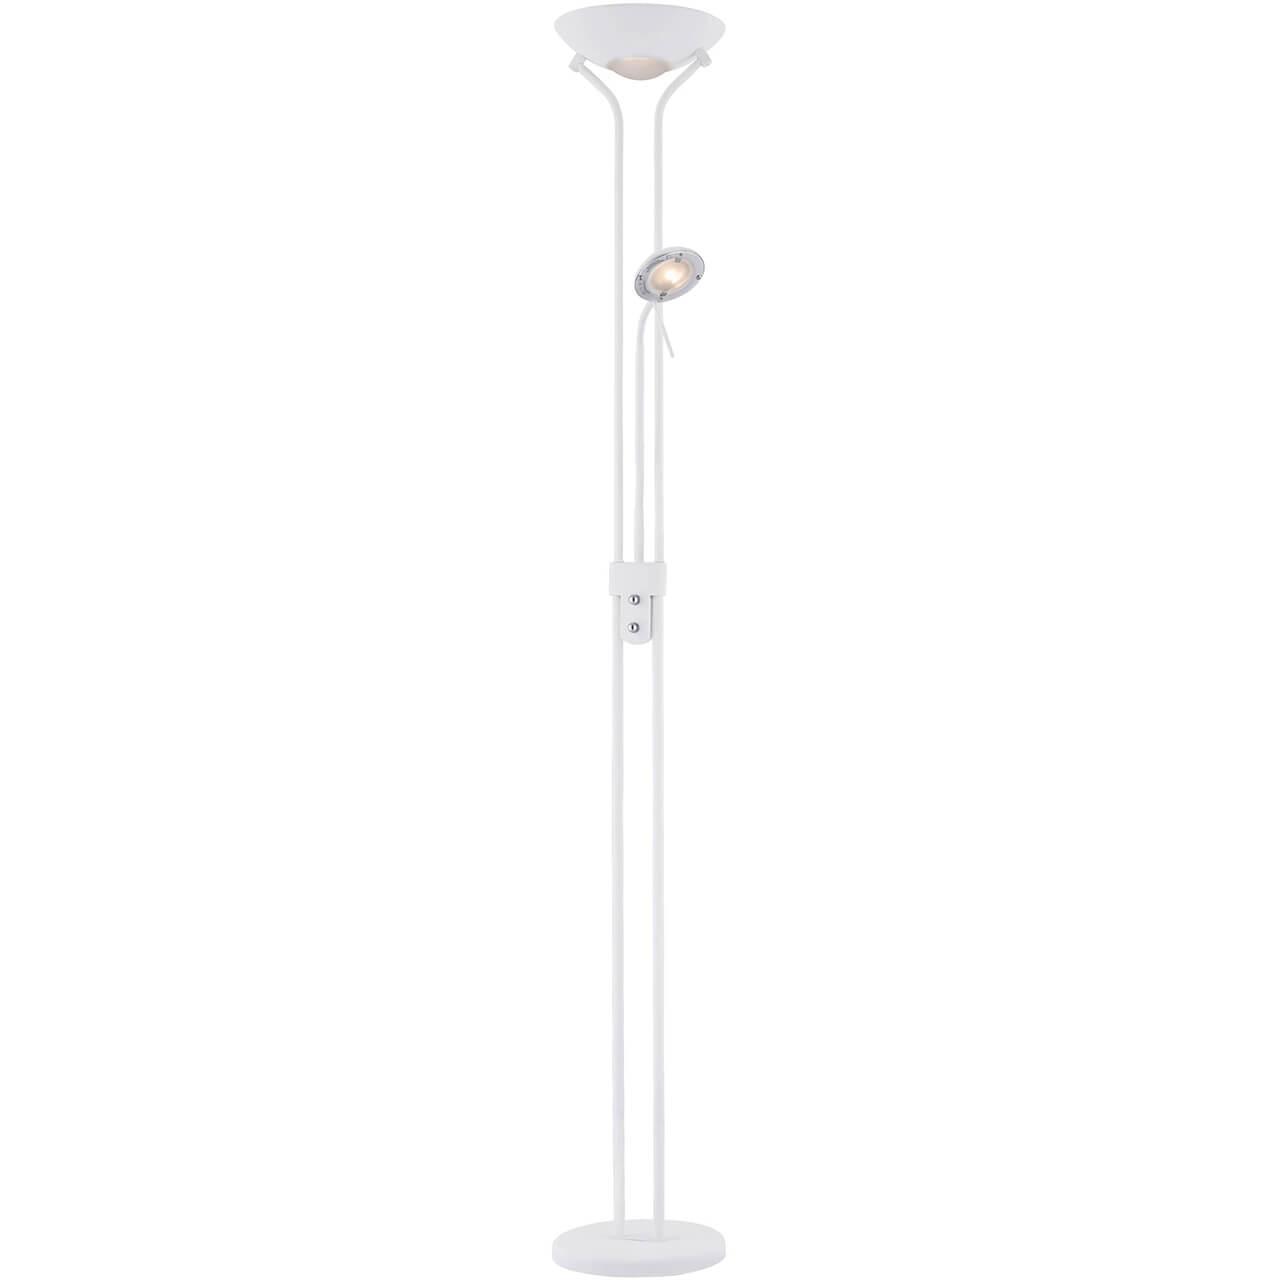 Торшер Arte Lamp Duetto A4329PN-2WH торшер arte lamp duetto a4329pn 2ab